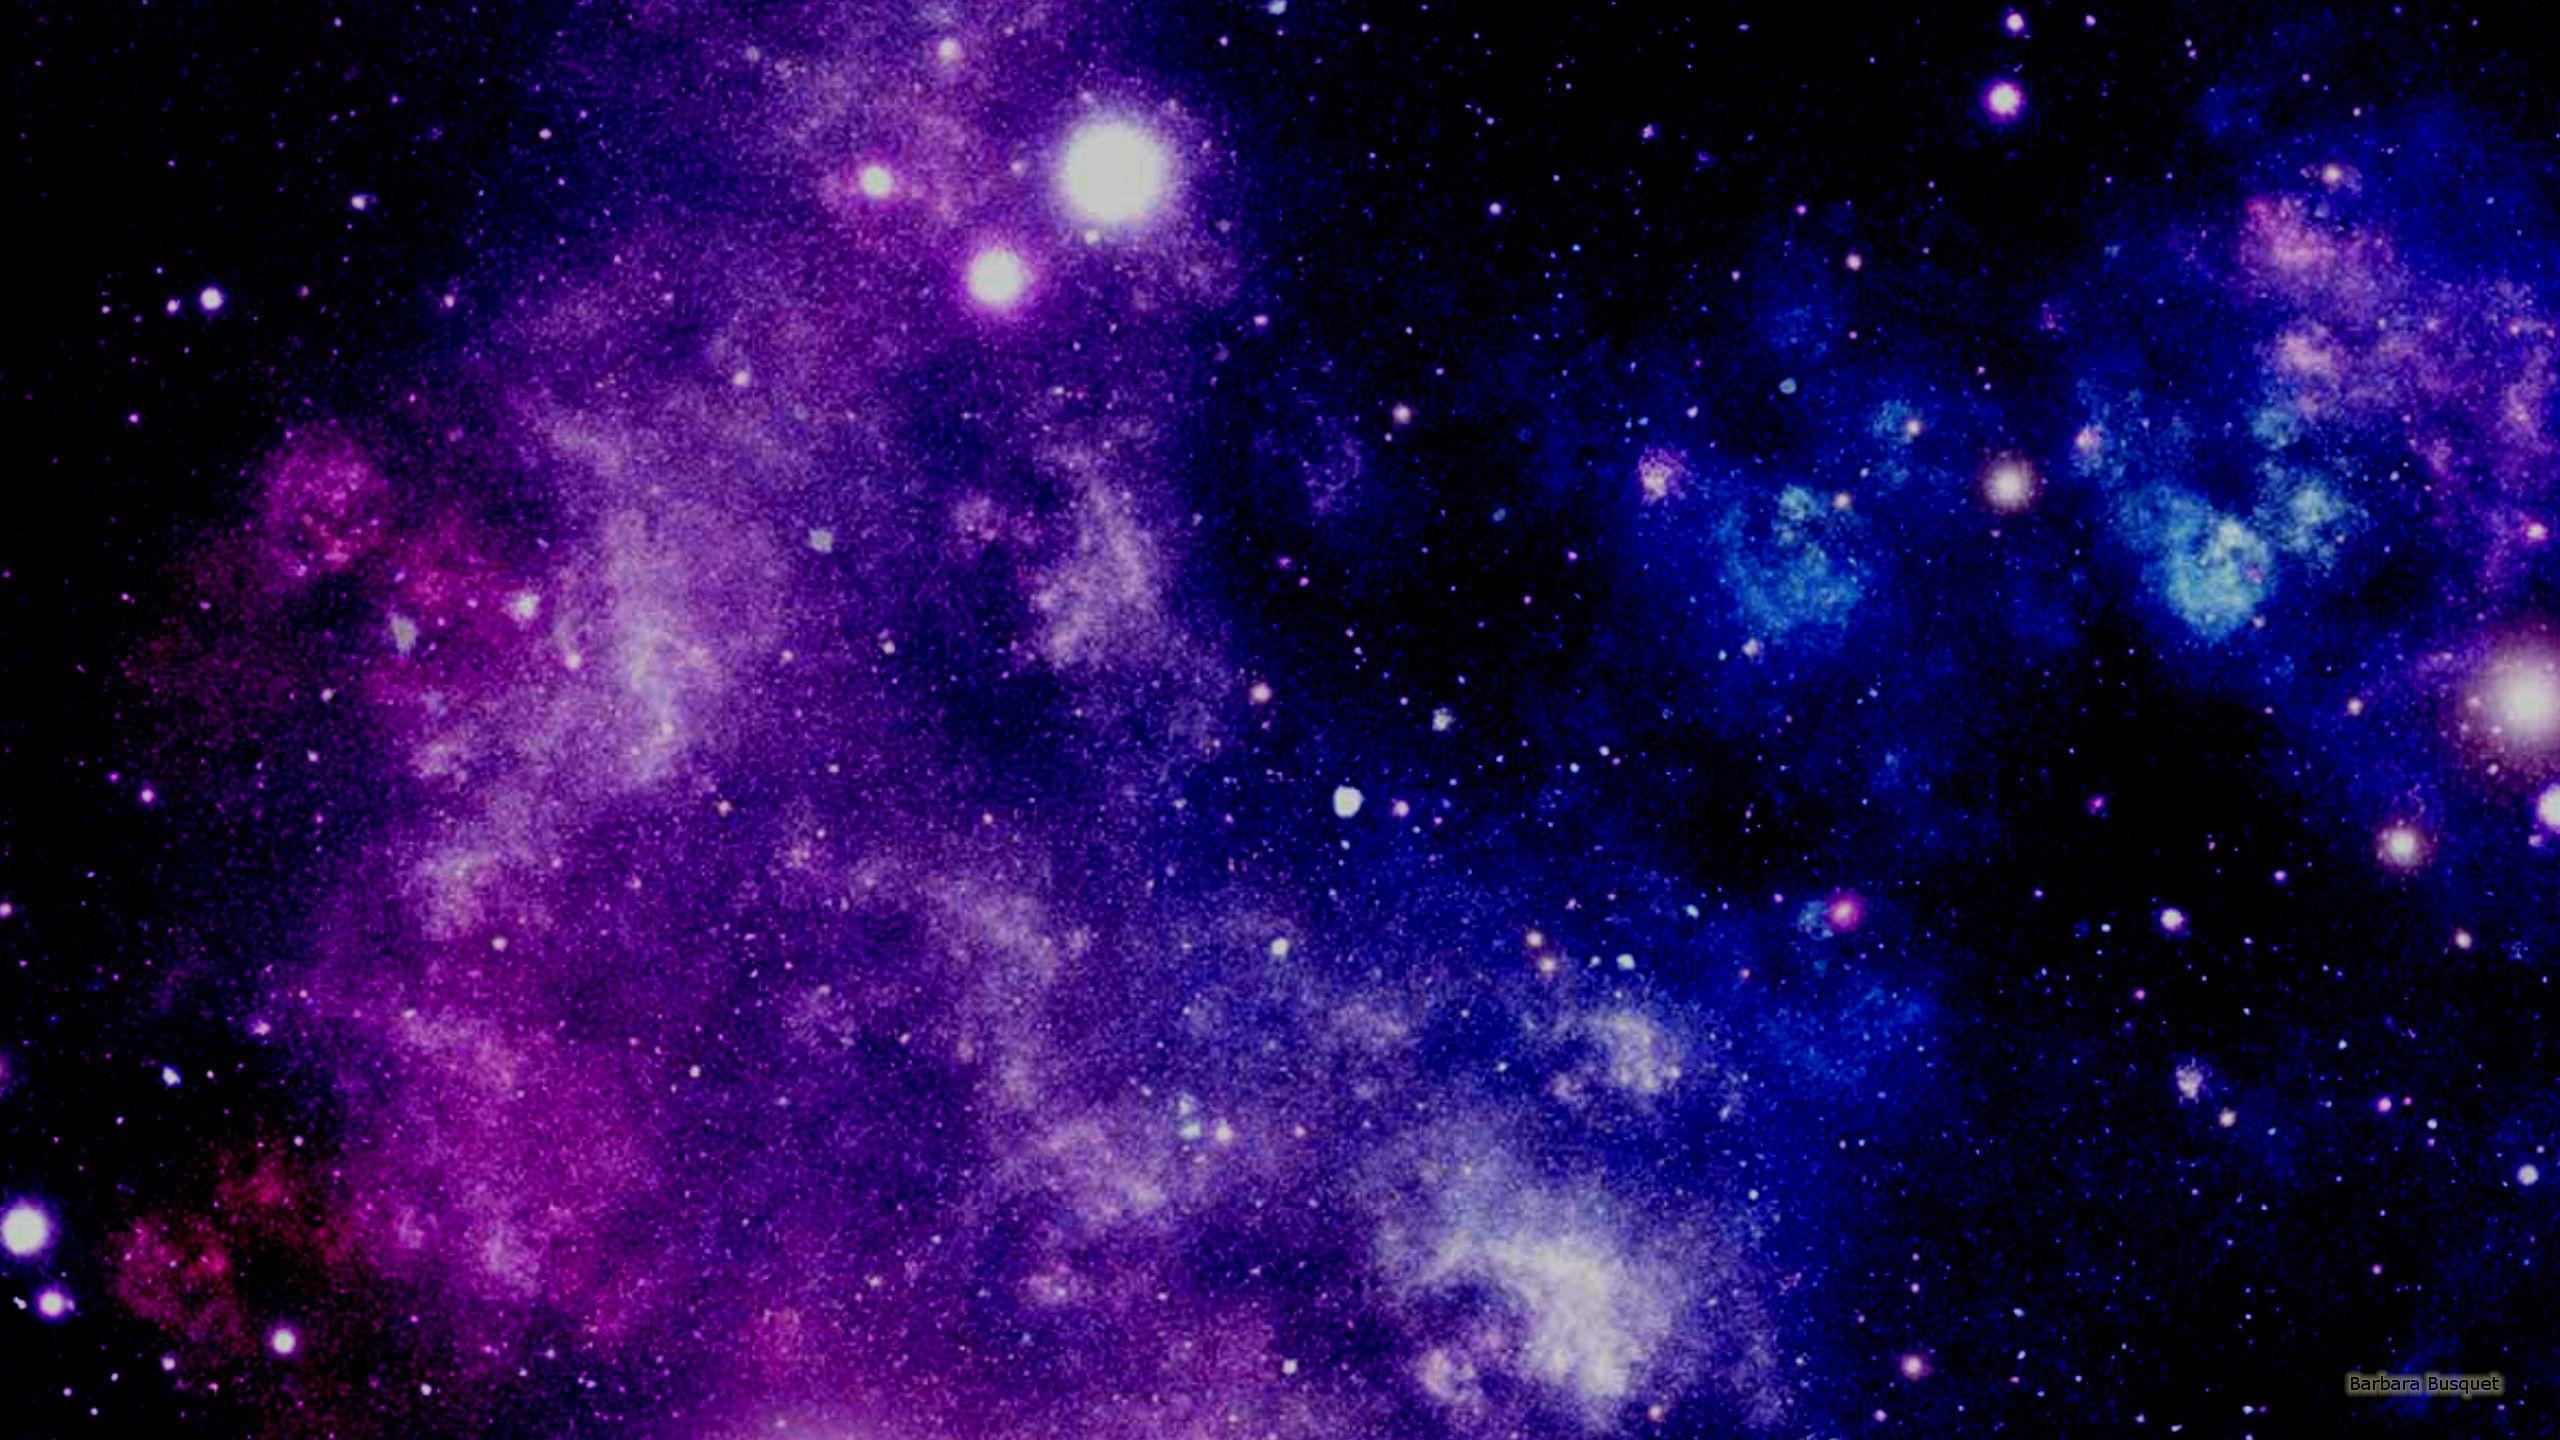 Purple galaxy wallpapers top free purple galaxy - Purple space wallpaper ...